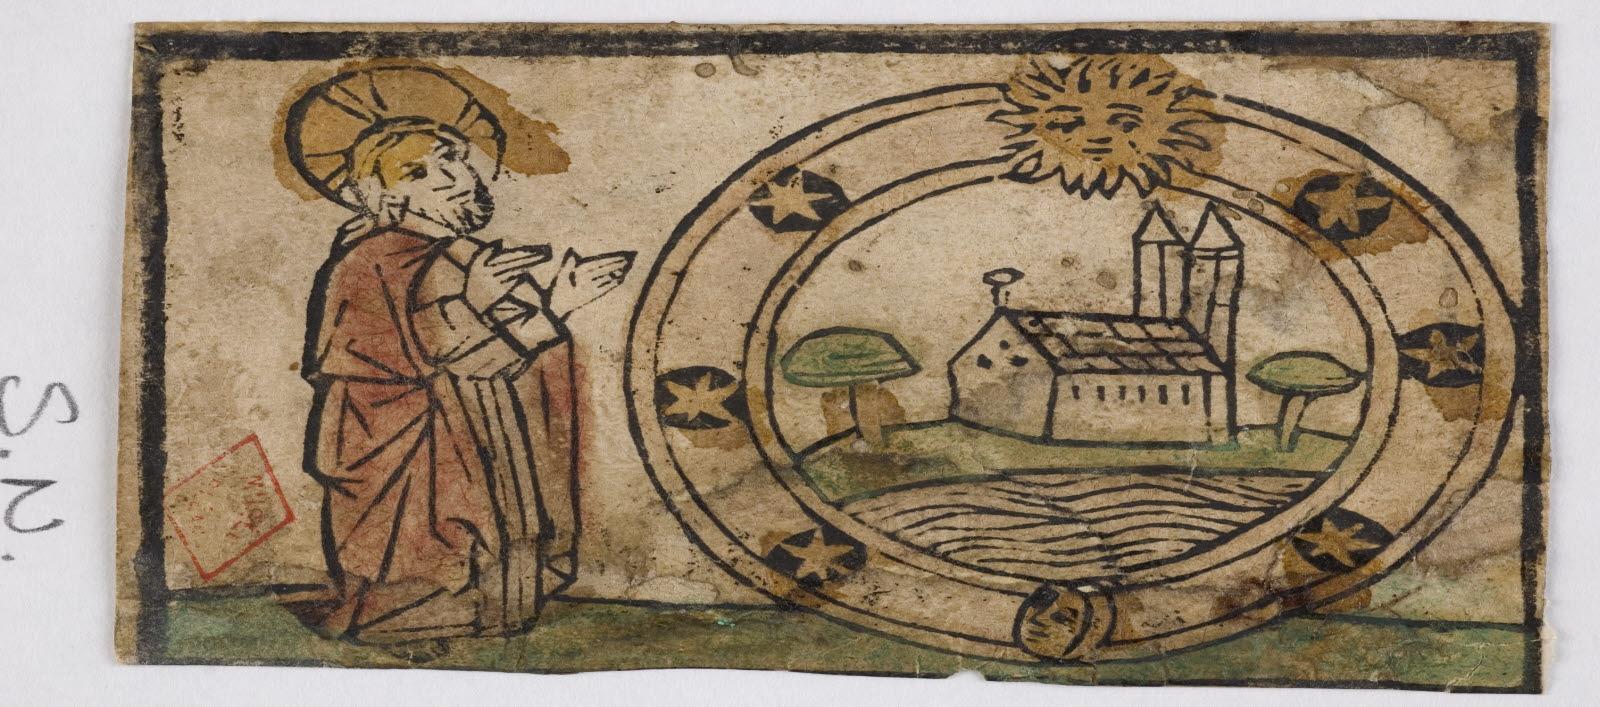 anonyme (graveur) : Le Christ et une église dans un cercle étoilé